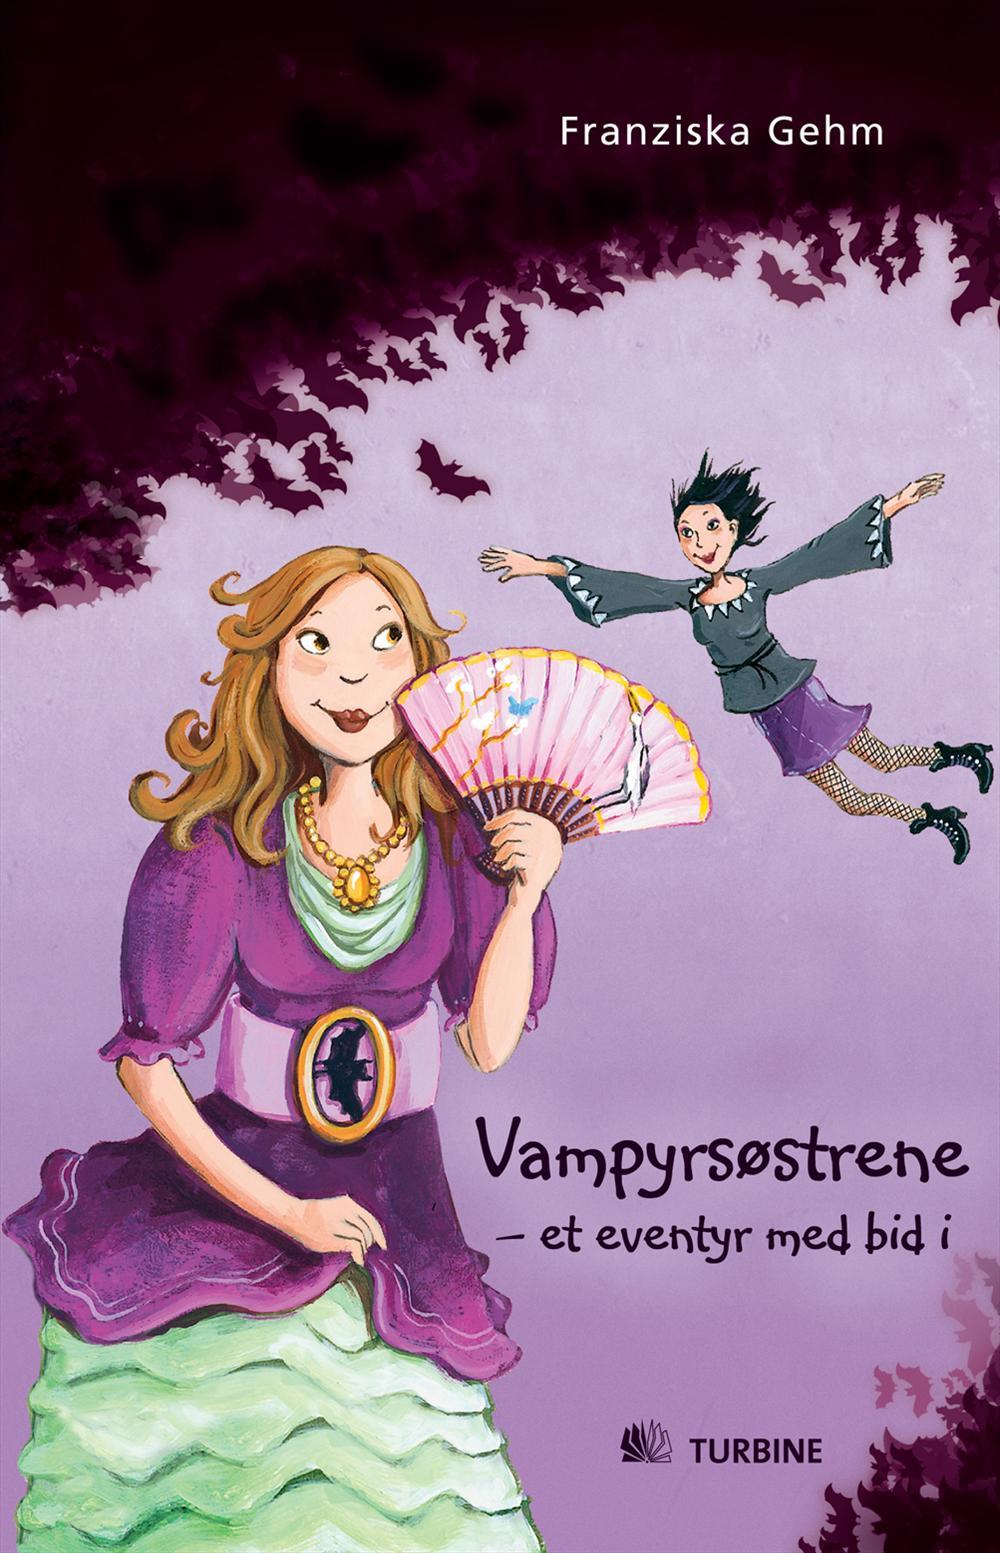 Vampyrsøstrene - et eventyr med bid i